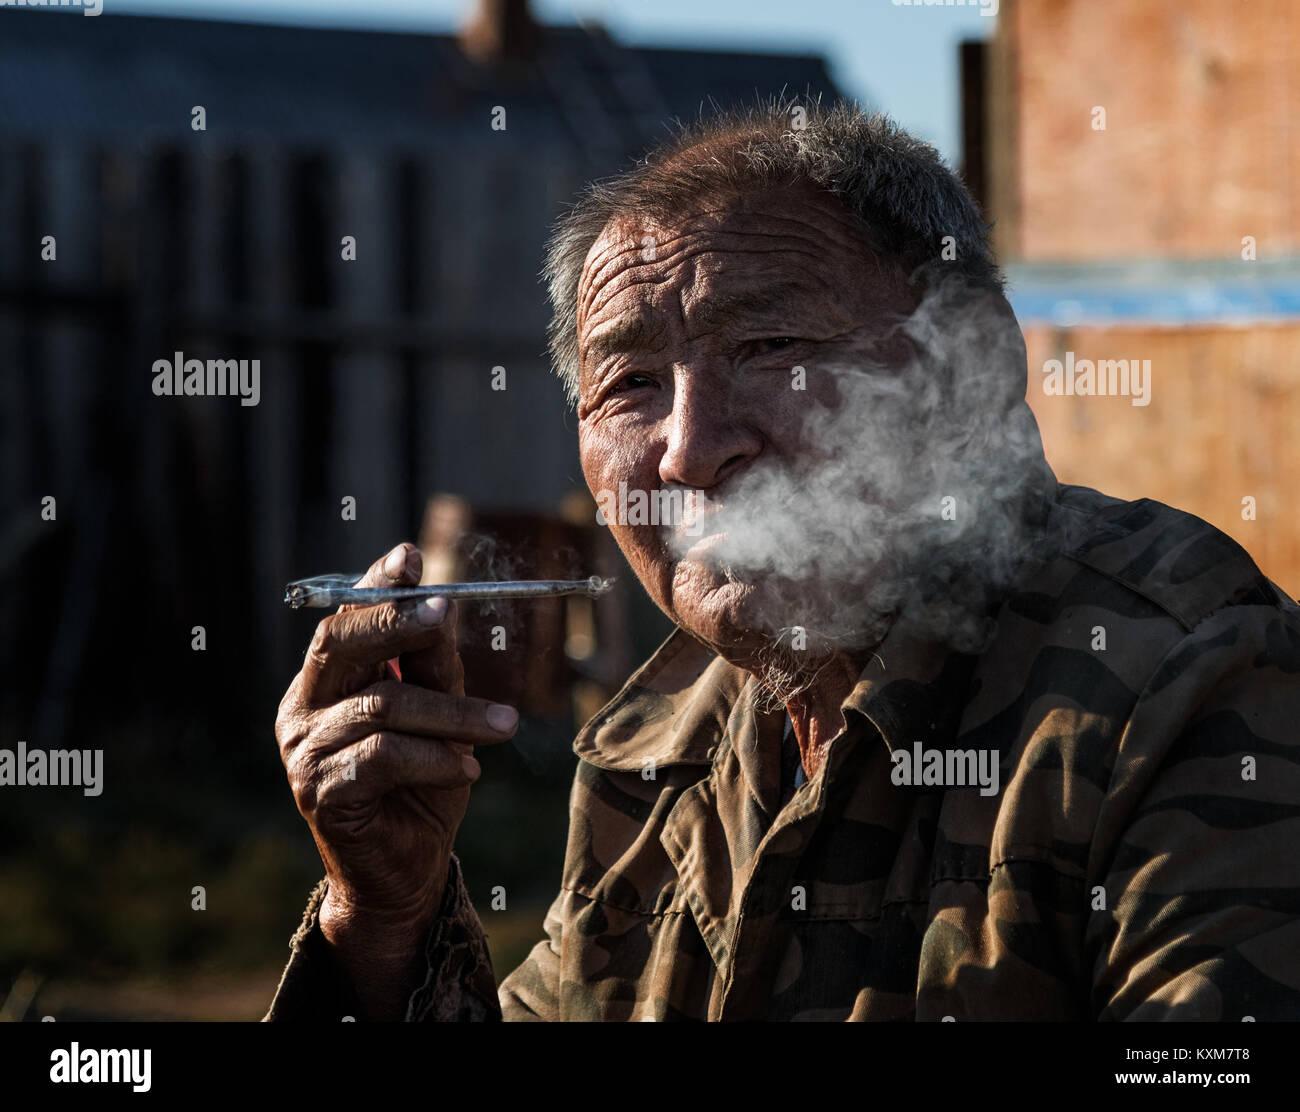 Uomo vecchio fumo di sigaretta lungo ritratto del sole mattutino Mongolia ger camp Ulaanbaatar Immagini Stock